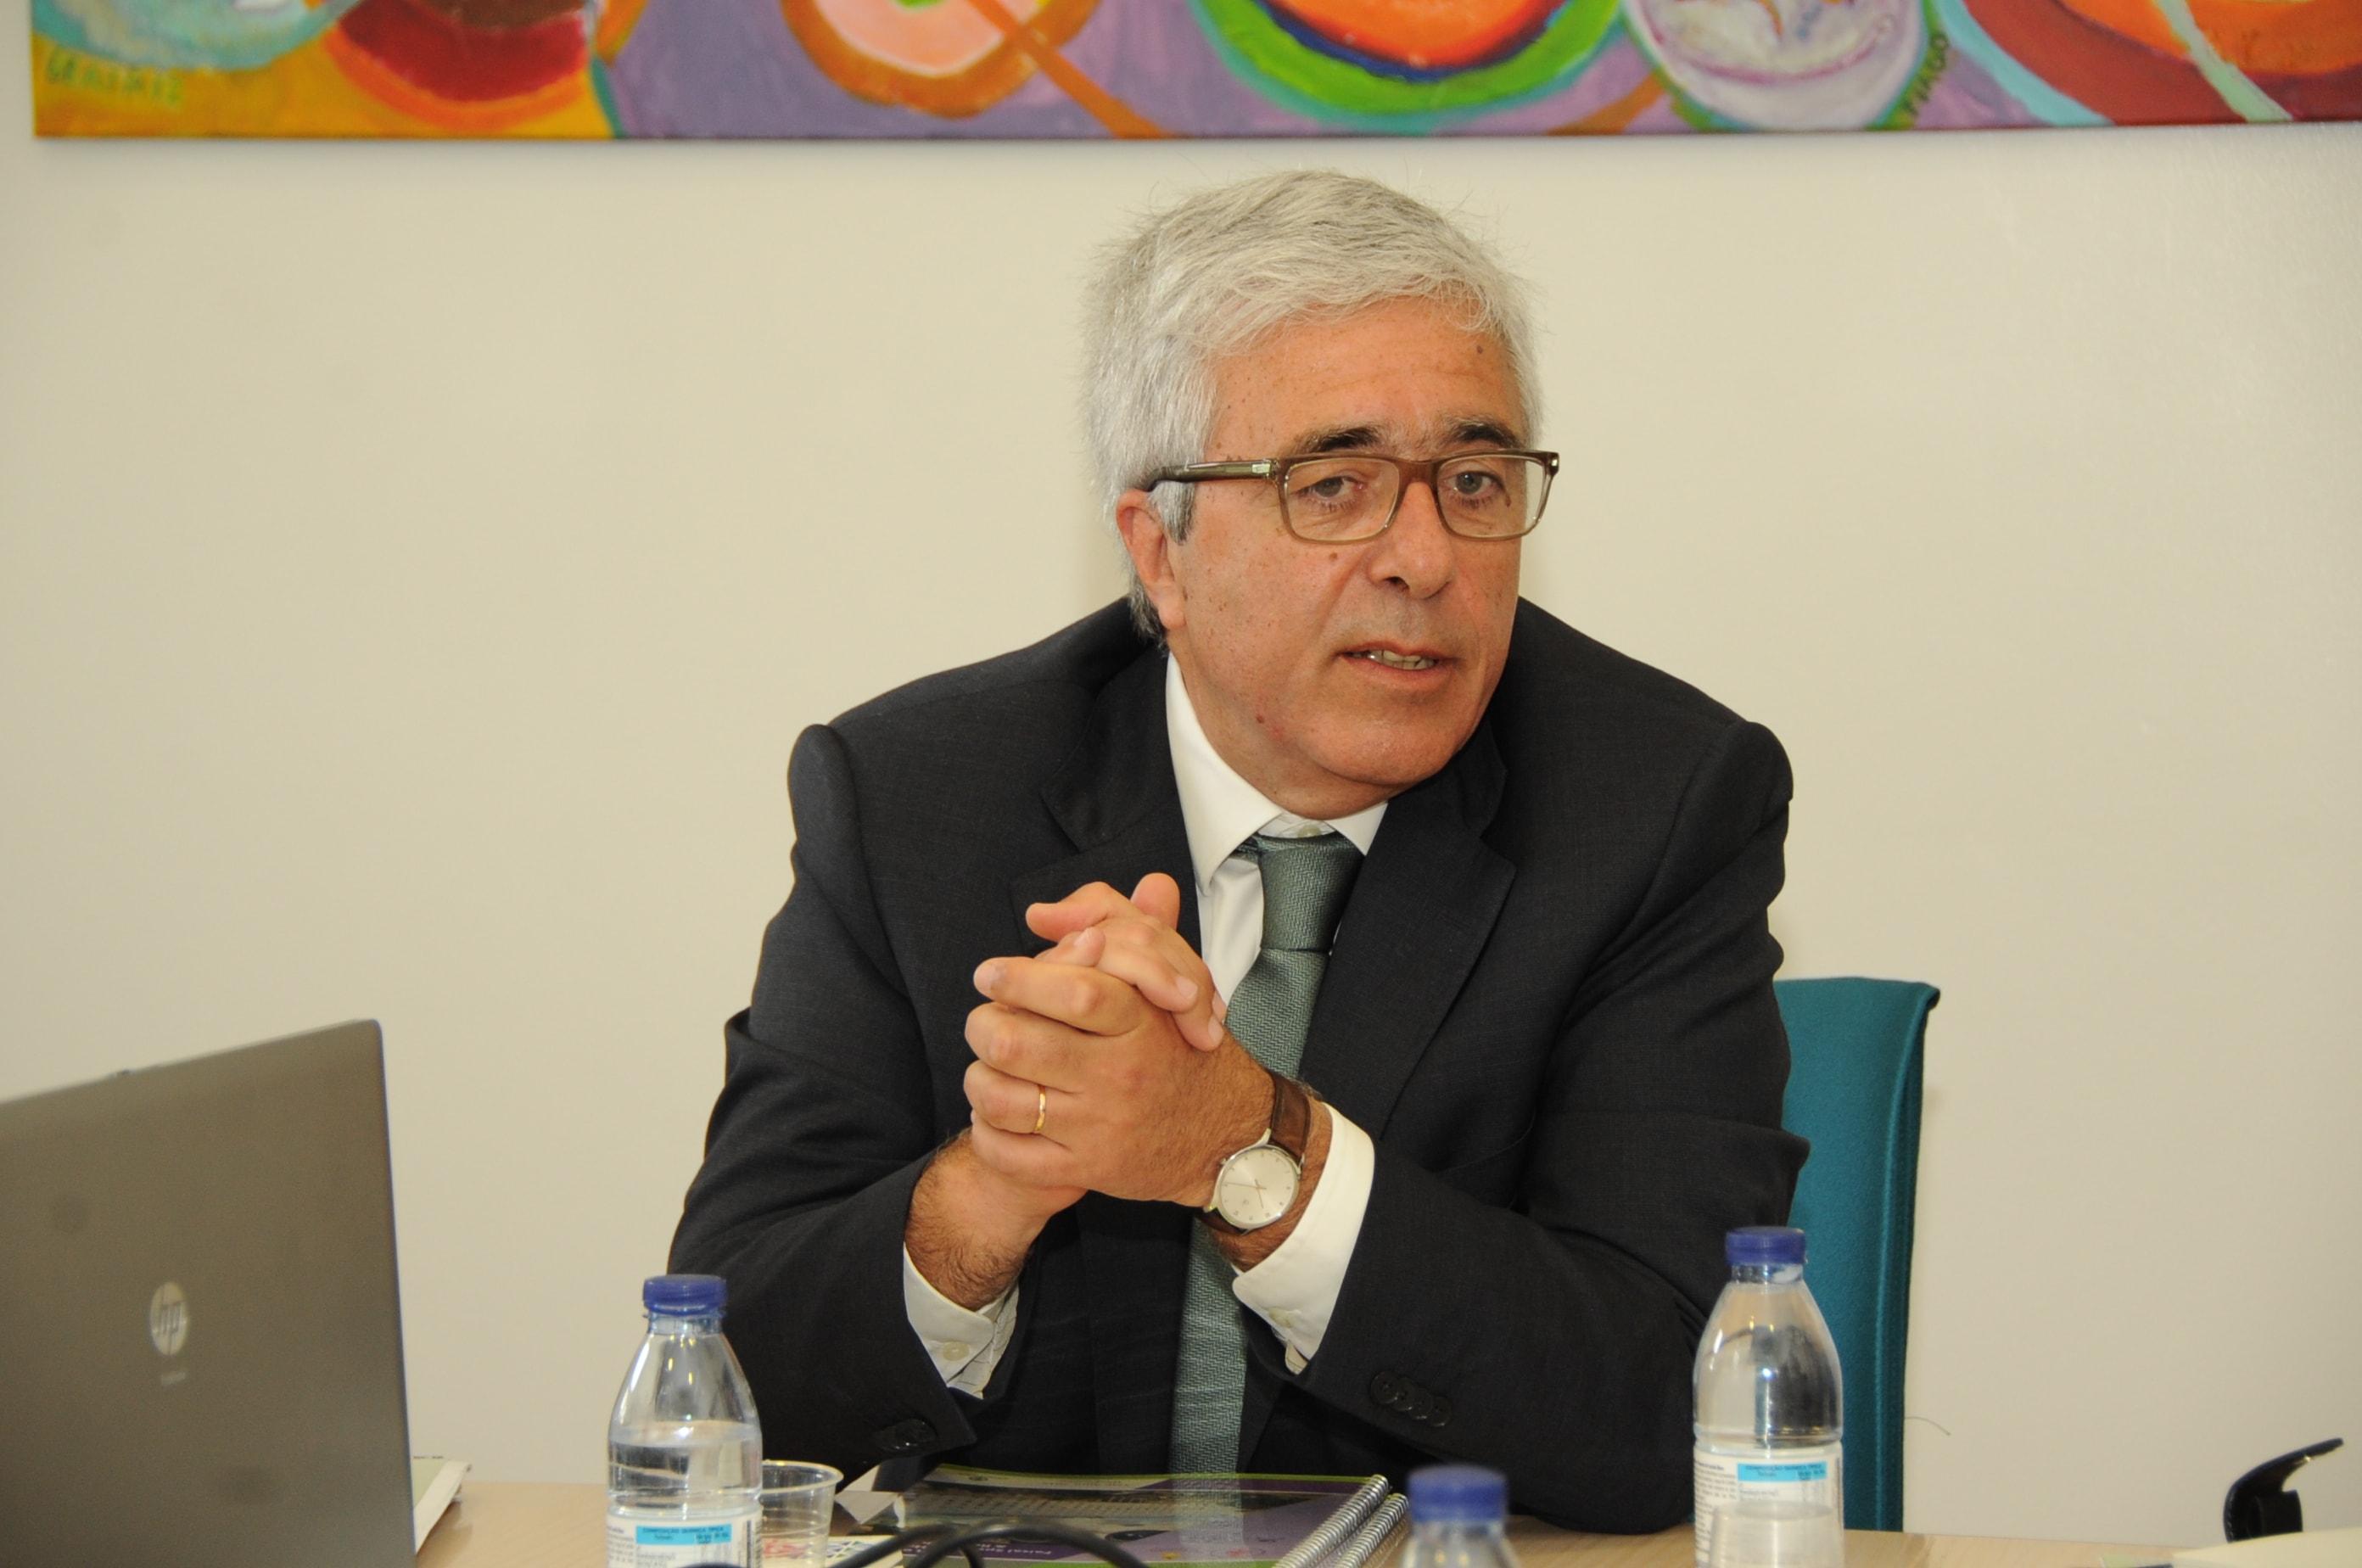 Francisco Ventura Ramos